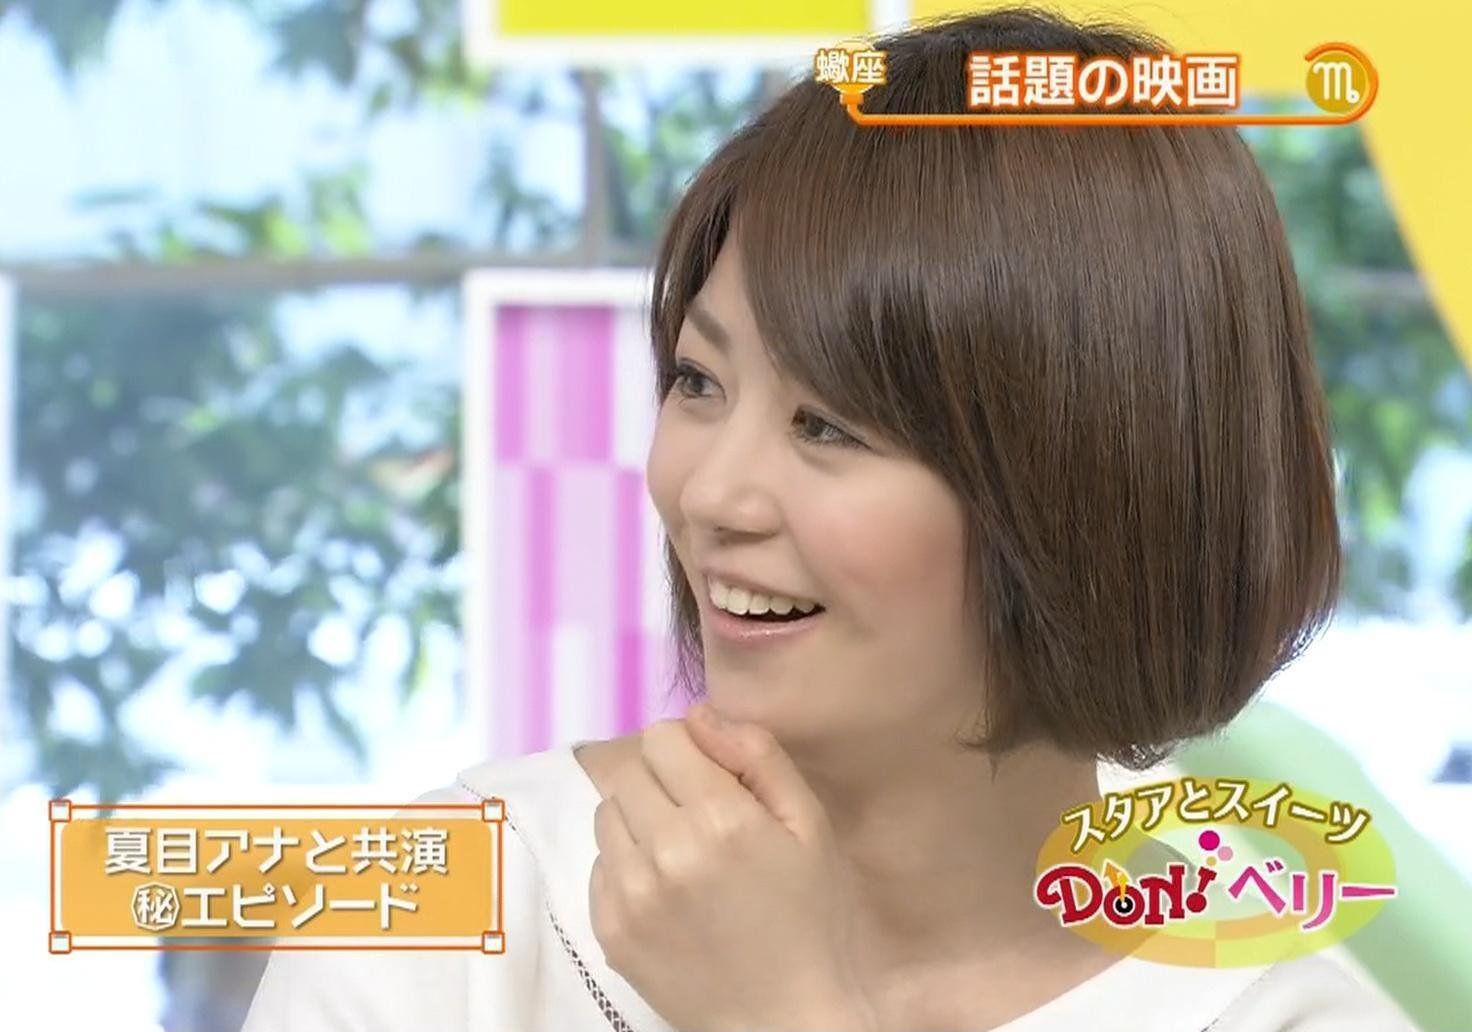 夏目三久 ミニスカート(気になる太もも)キャプ画像(エロ・アイコラ画像)